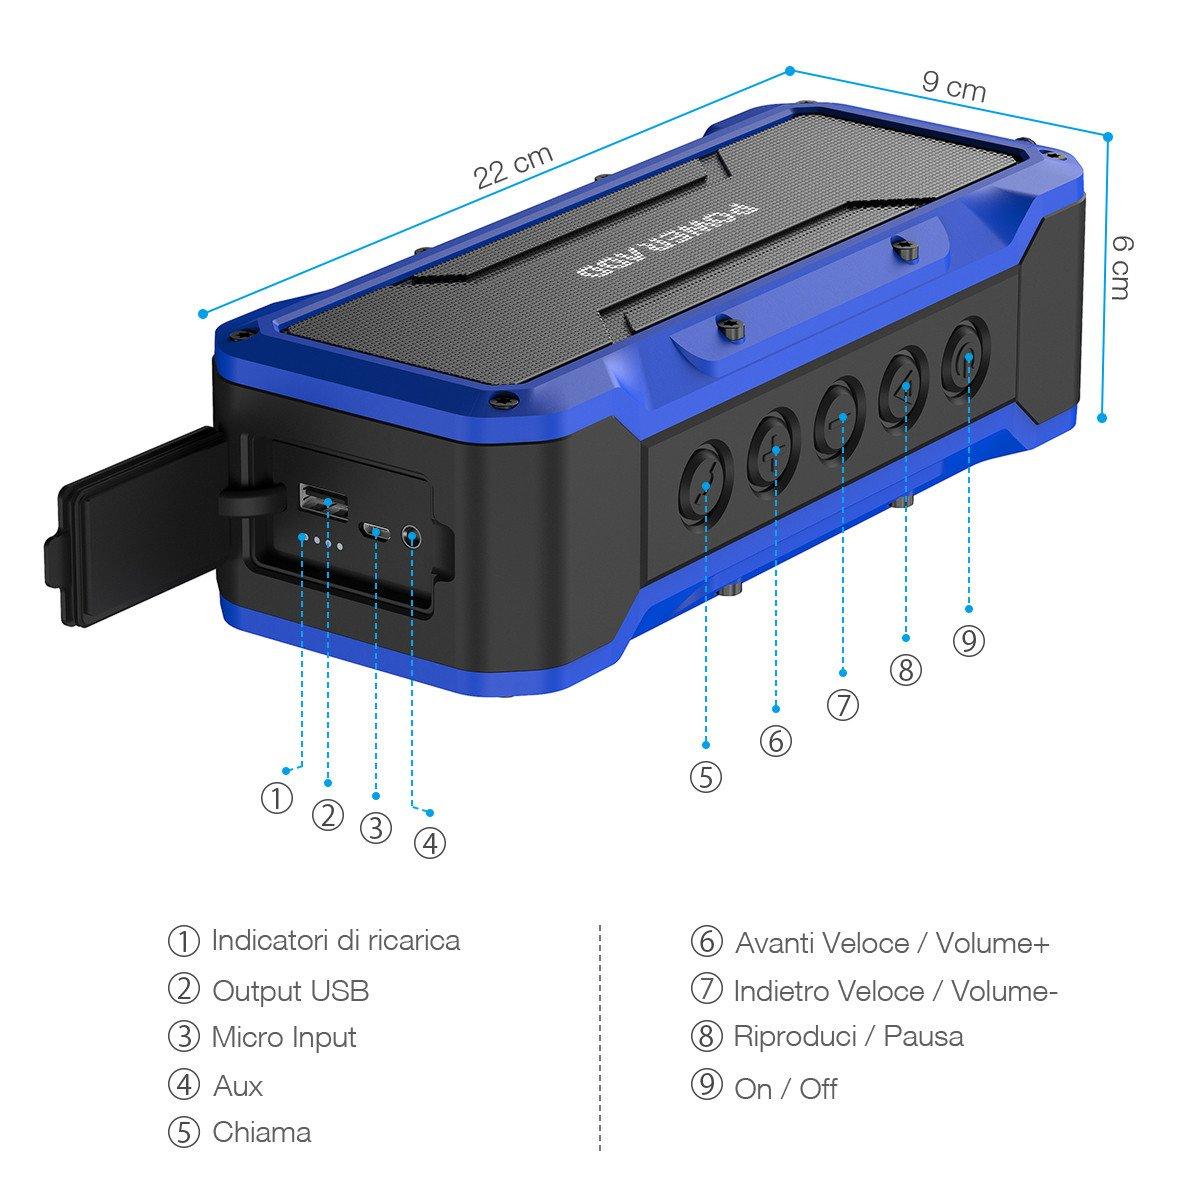 POWERADD Altoparlante Bluetooth Wireless Speaker Portatile con Alte Prestazioni Sonore con Audio HD 36W, Casse Portatile IPX7 a Prova di Urti e Polvere, Aux-in, Perfetto per Utilizzo All\'aperto - BLU